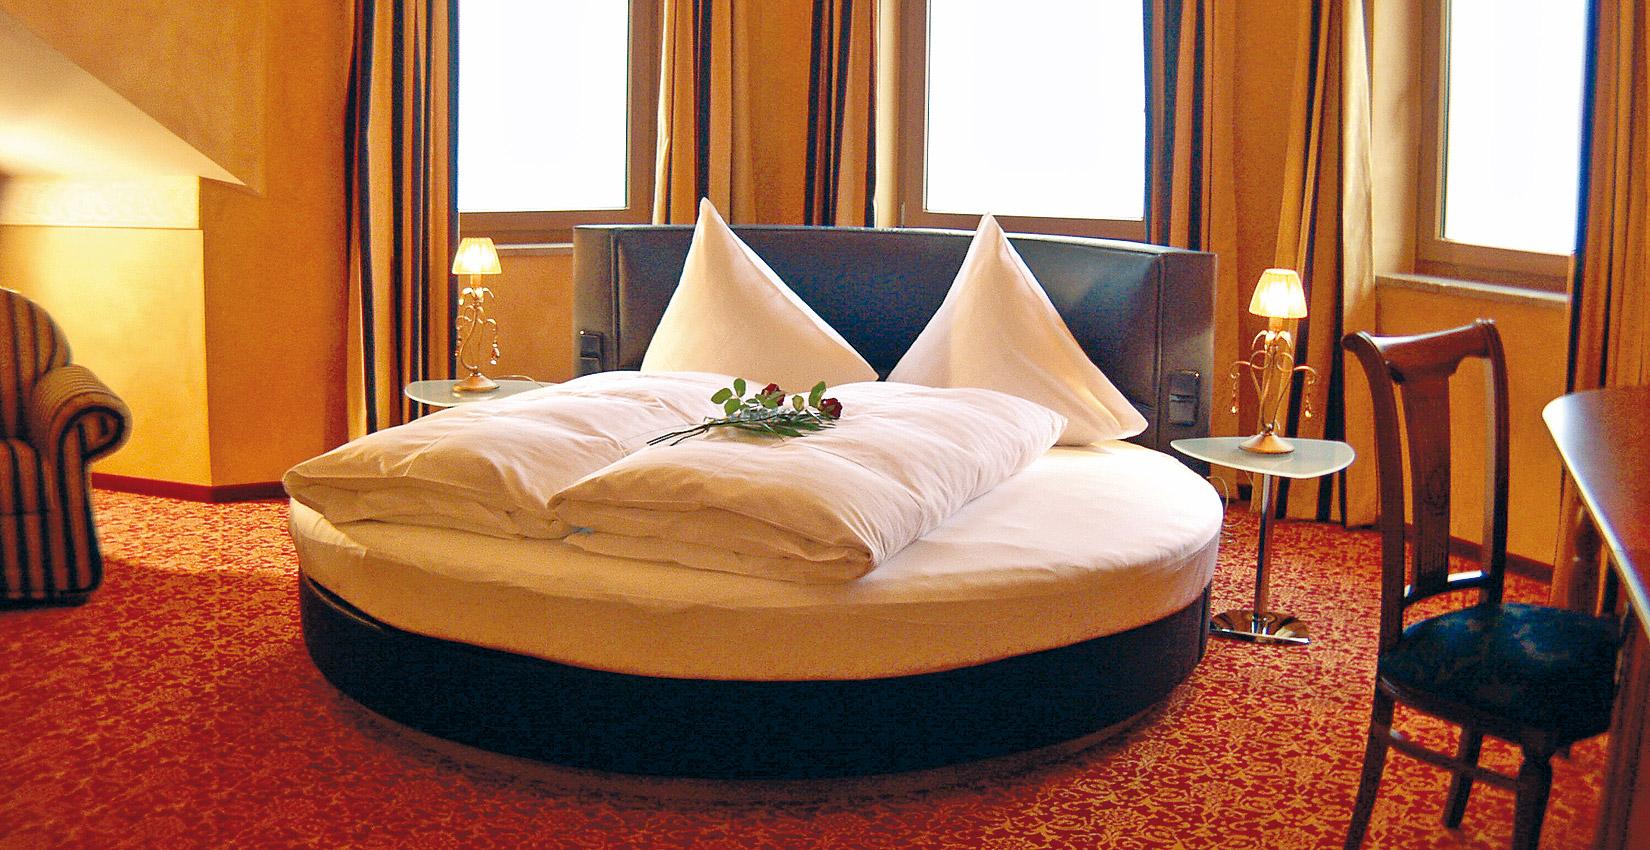 Traum Suite 1001 Nacht Kategorie 20